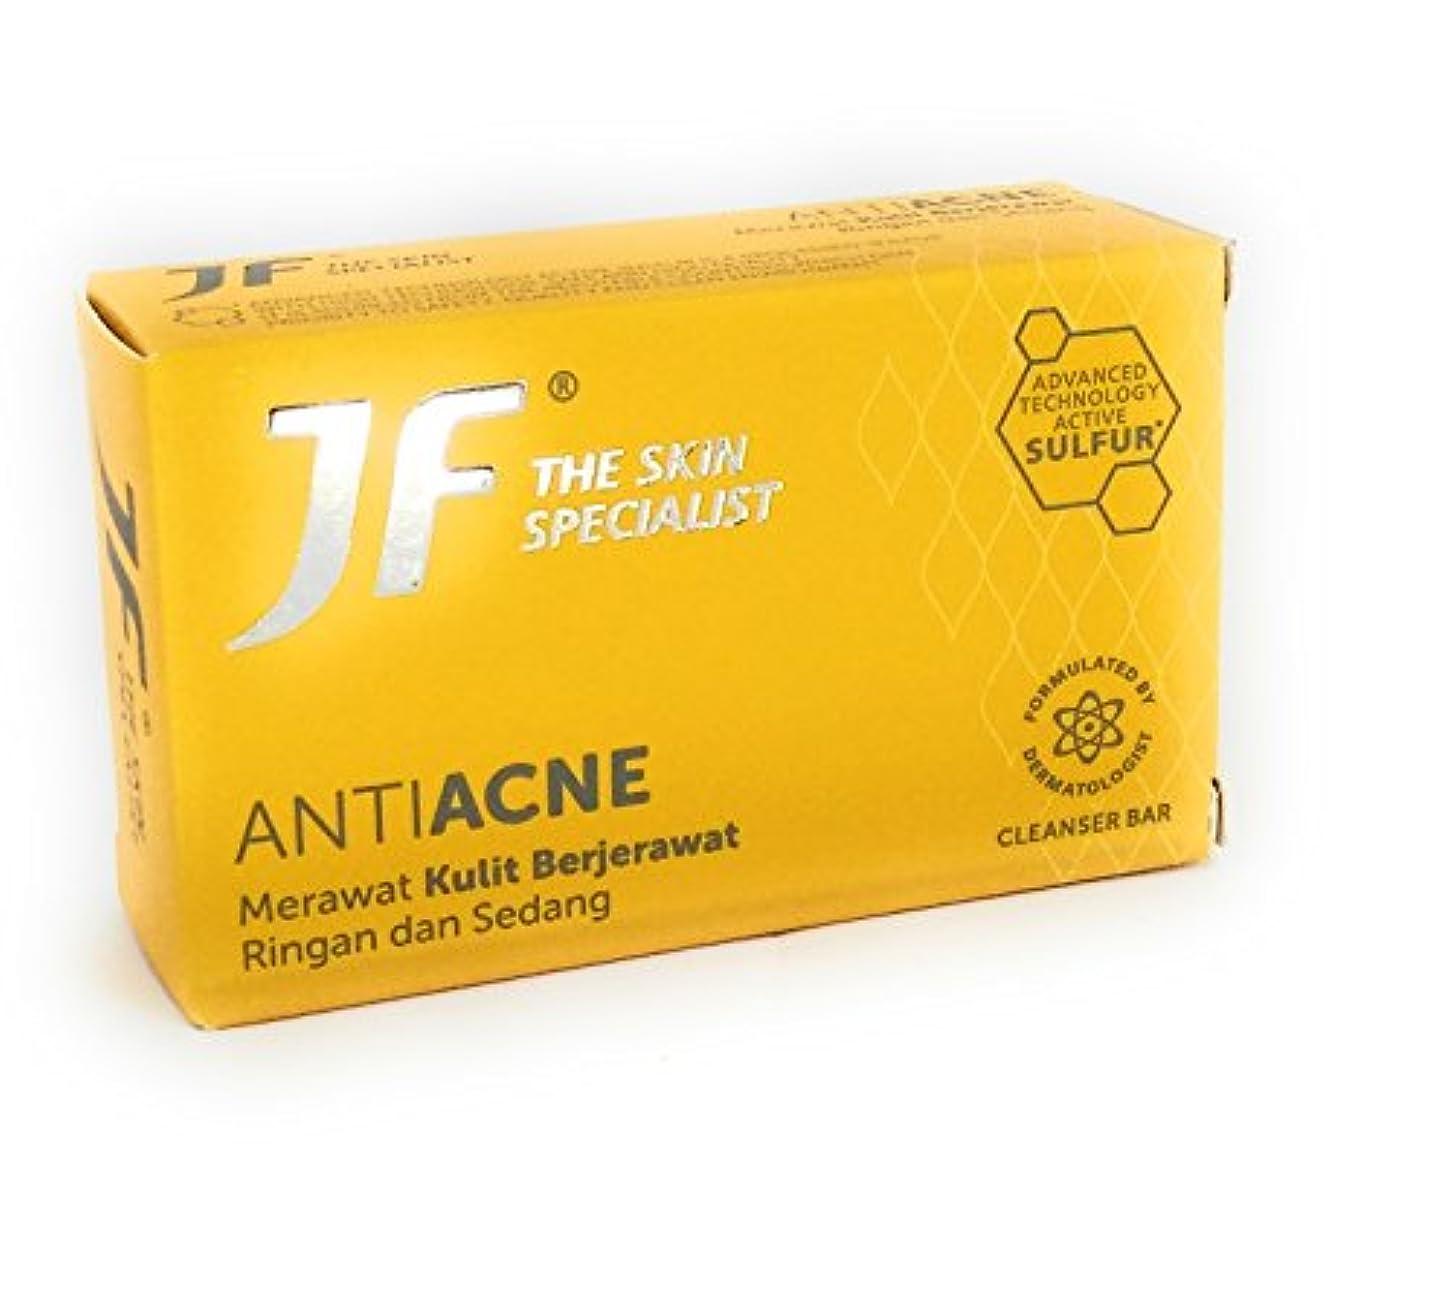 独立制裁できればJF Sulfur 皮膚科専門医アンチにきびケア石鹸jf、65グラム